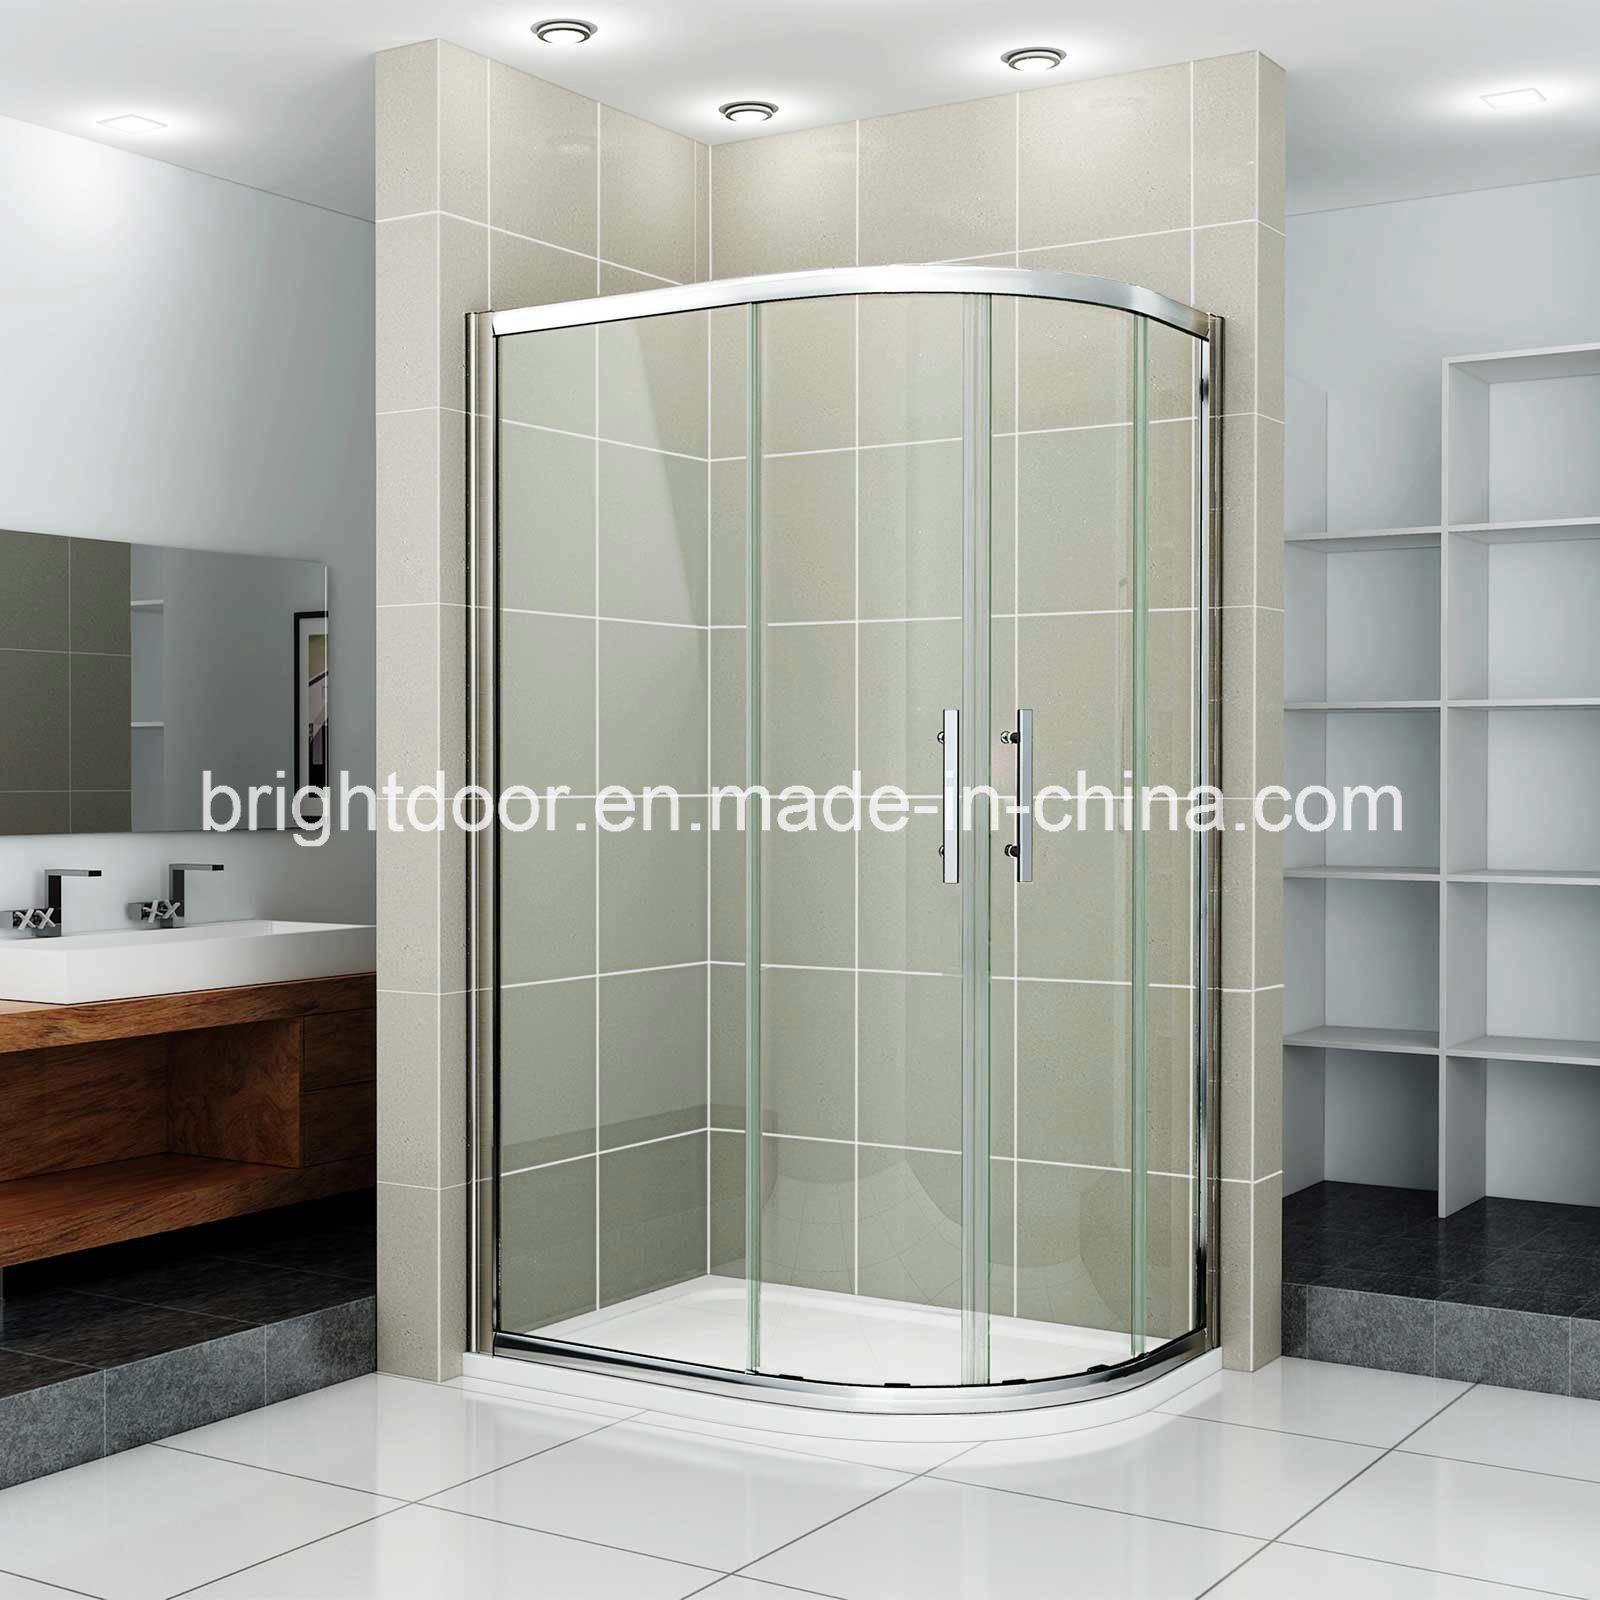 Hot Item Custom Frameless Sliding Shower Doors Sliding Door For Bathroom